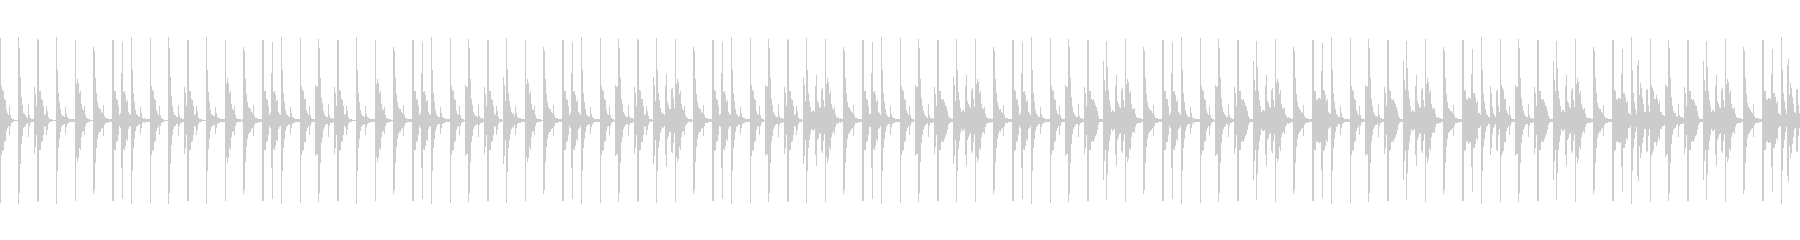 ゆったりファンキーなドラムループ01の未再生の波形